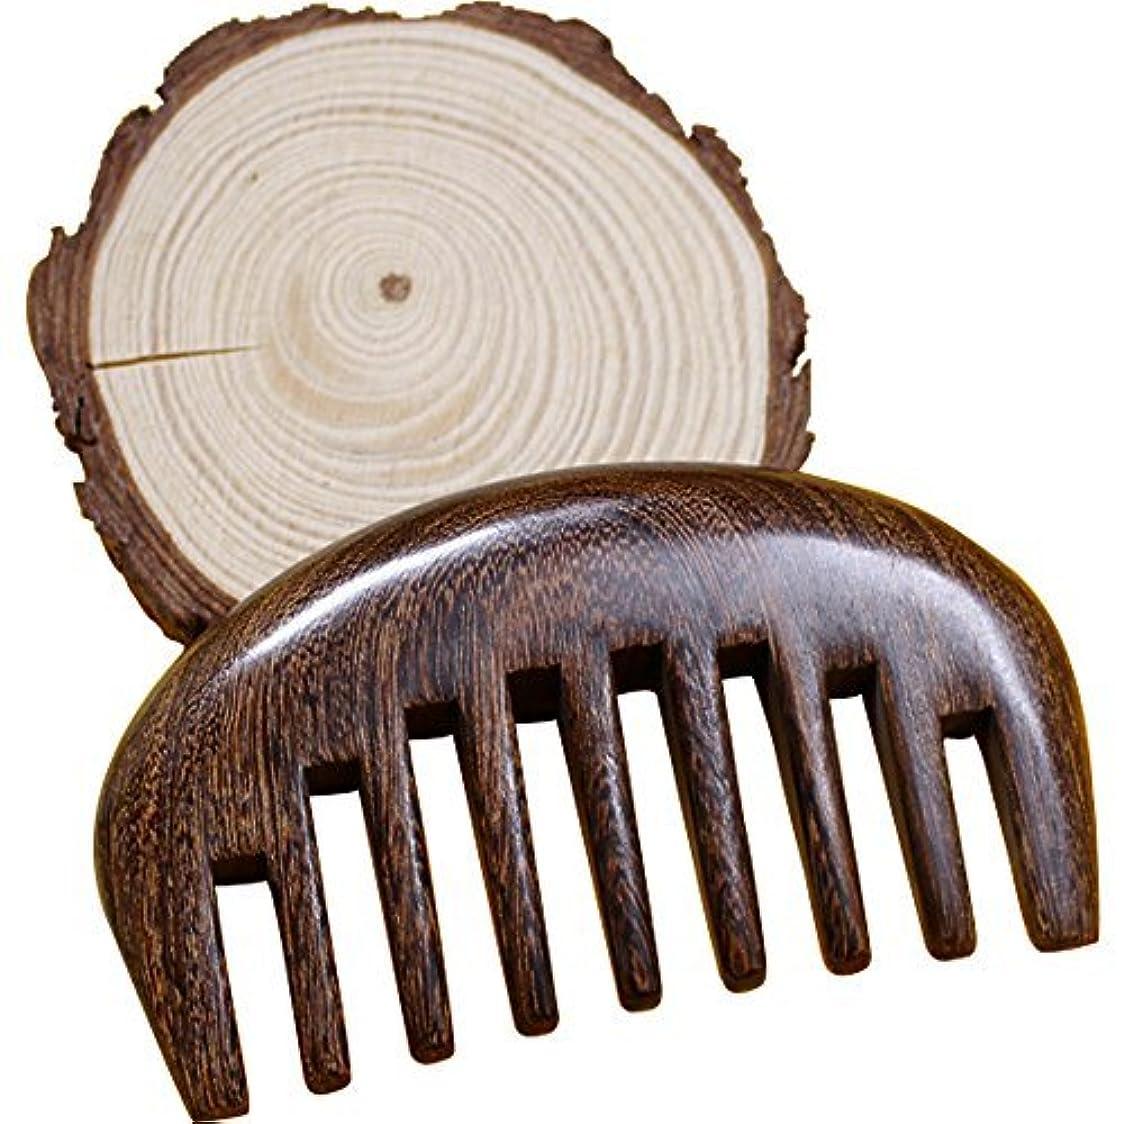 薬局広々としたチャーターWood comb Wooden wide tooth hair comb detangler brush -Anti Static Sandalwood Scent handmad with gift package...